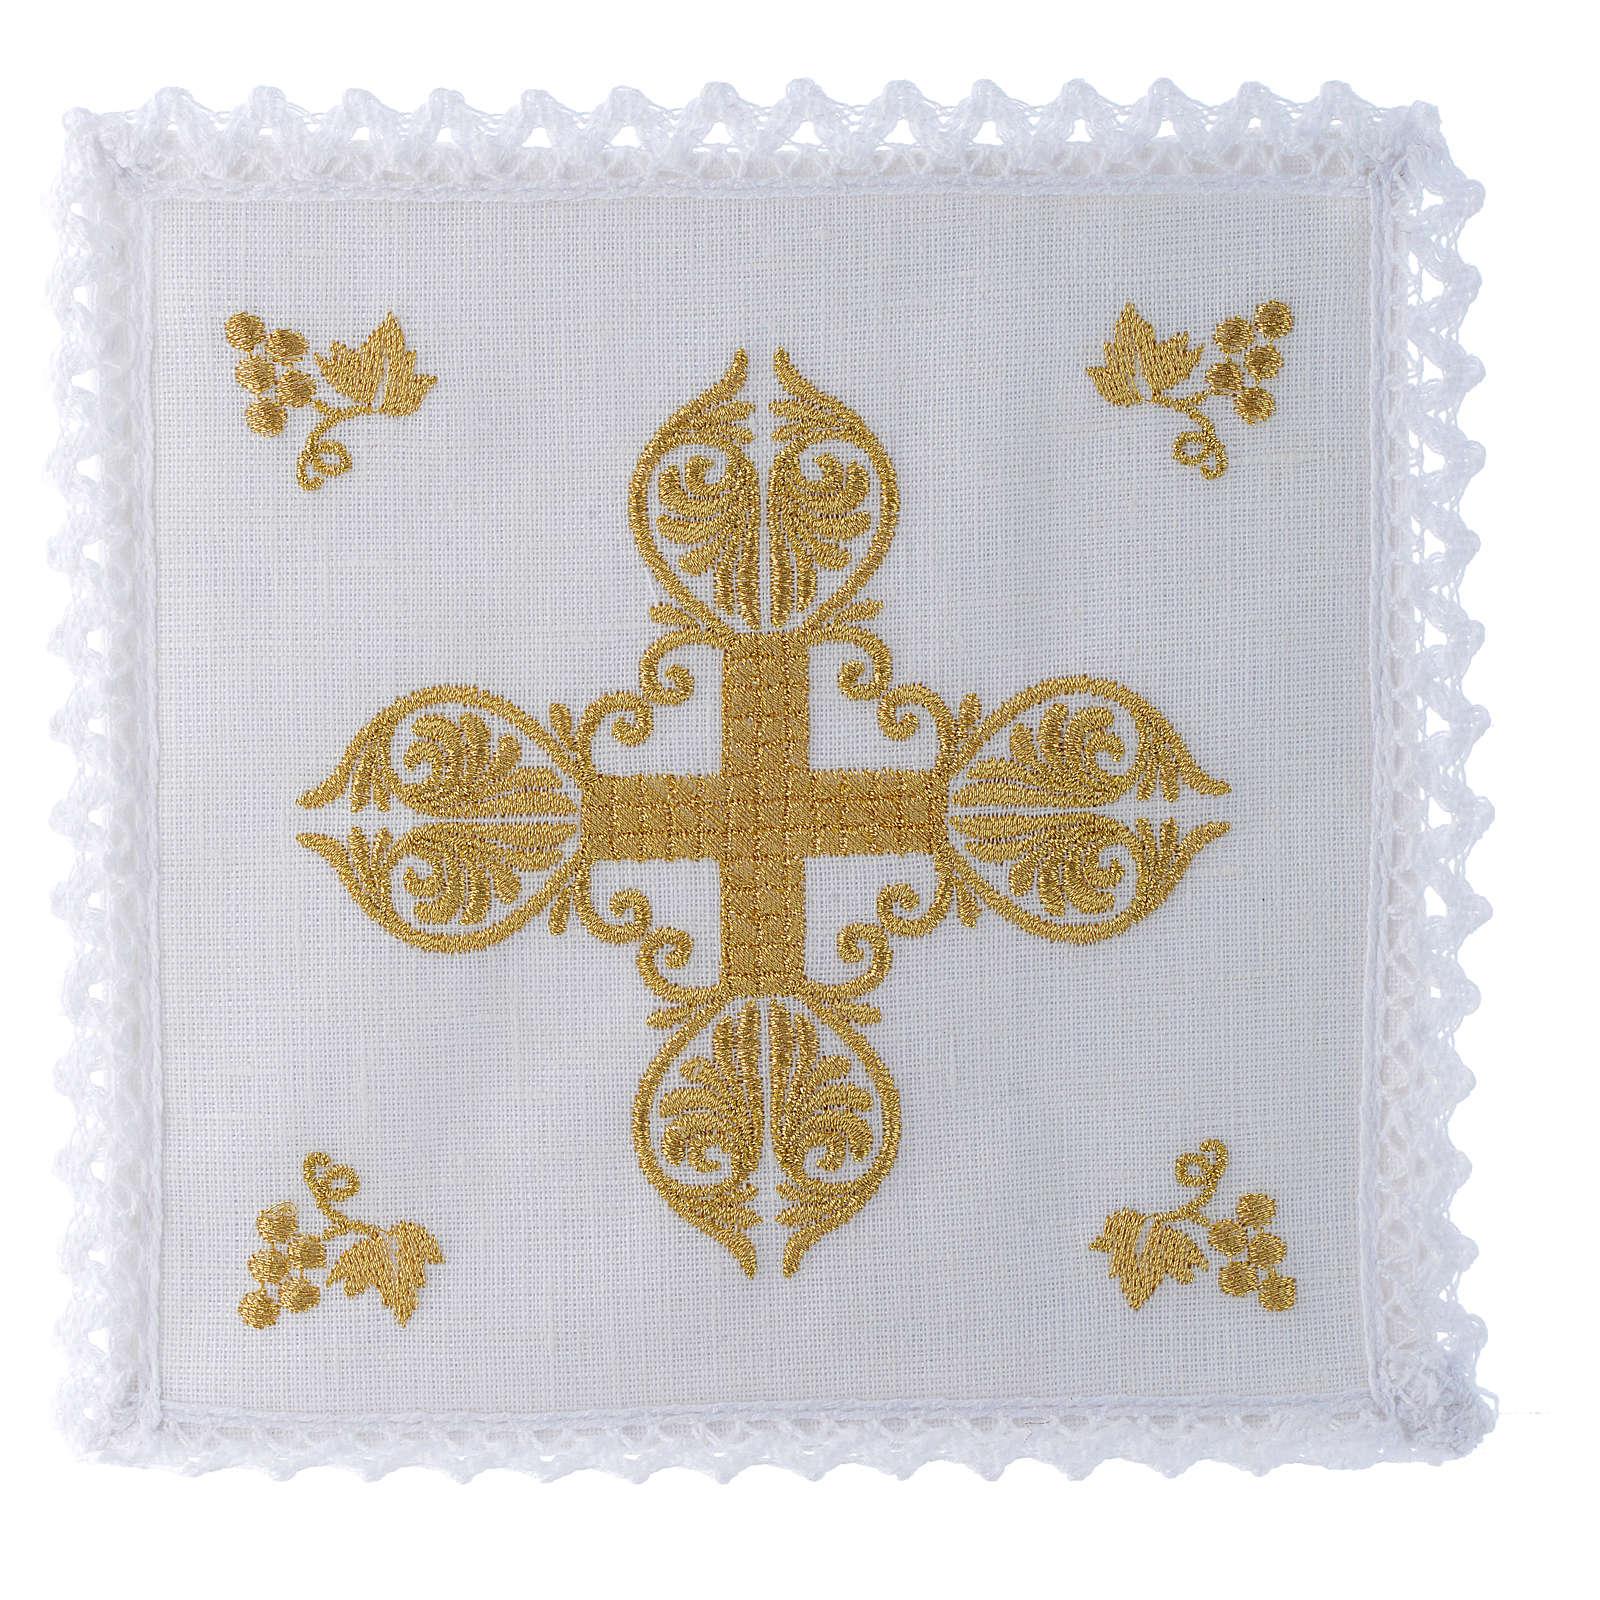 Servizio da altare 100% lino croce dorata 4